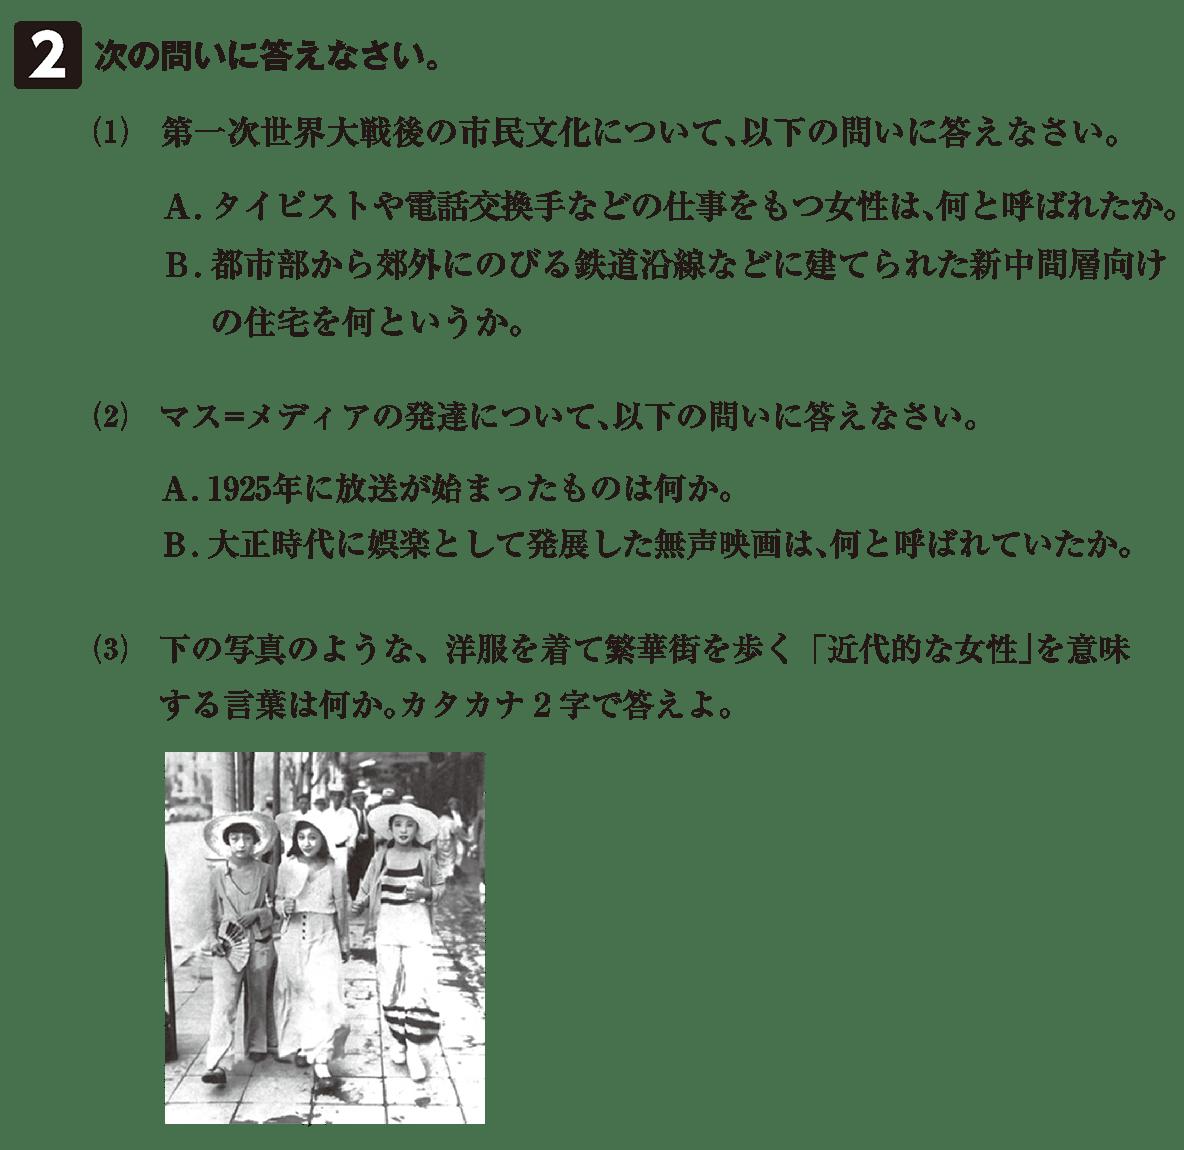 近現代の文化24 問題2 問題